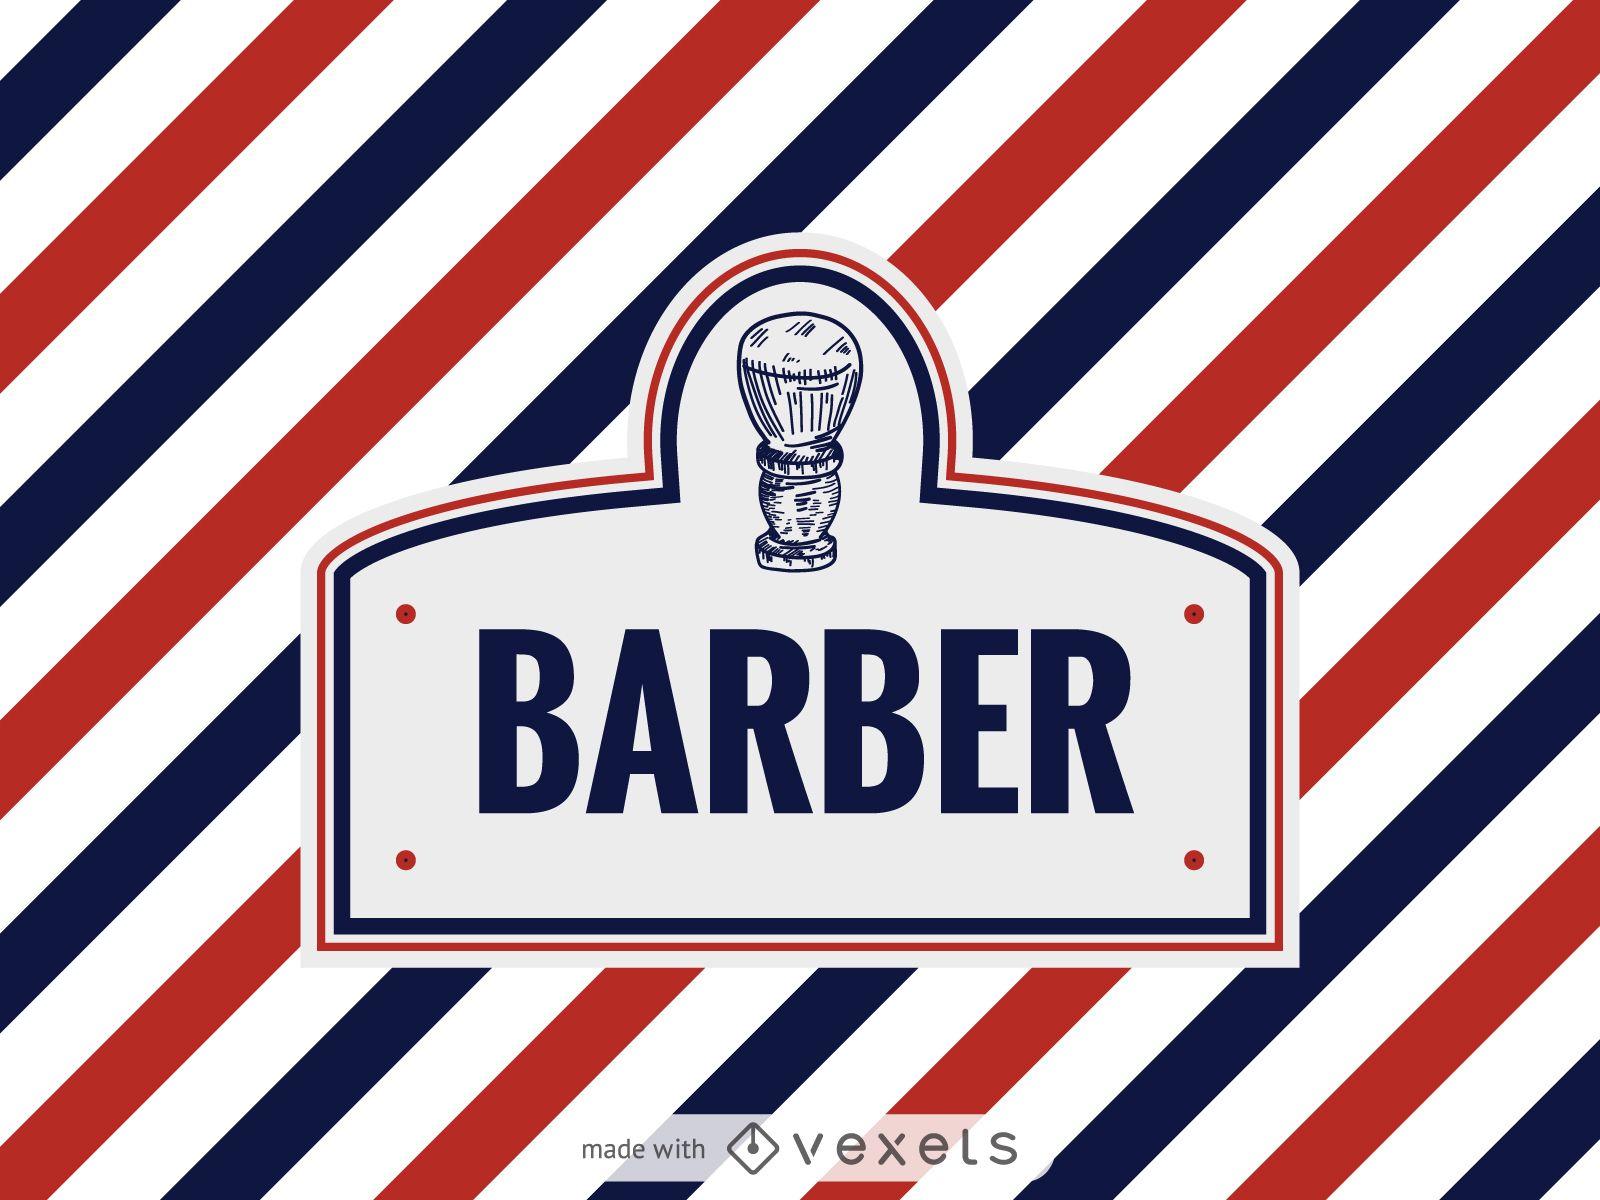 Barber logo label maker